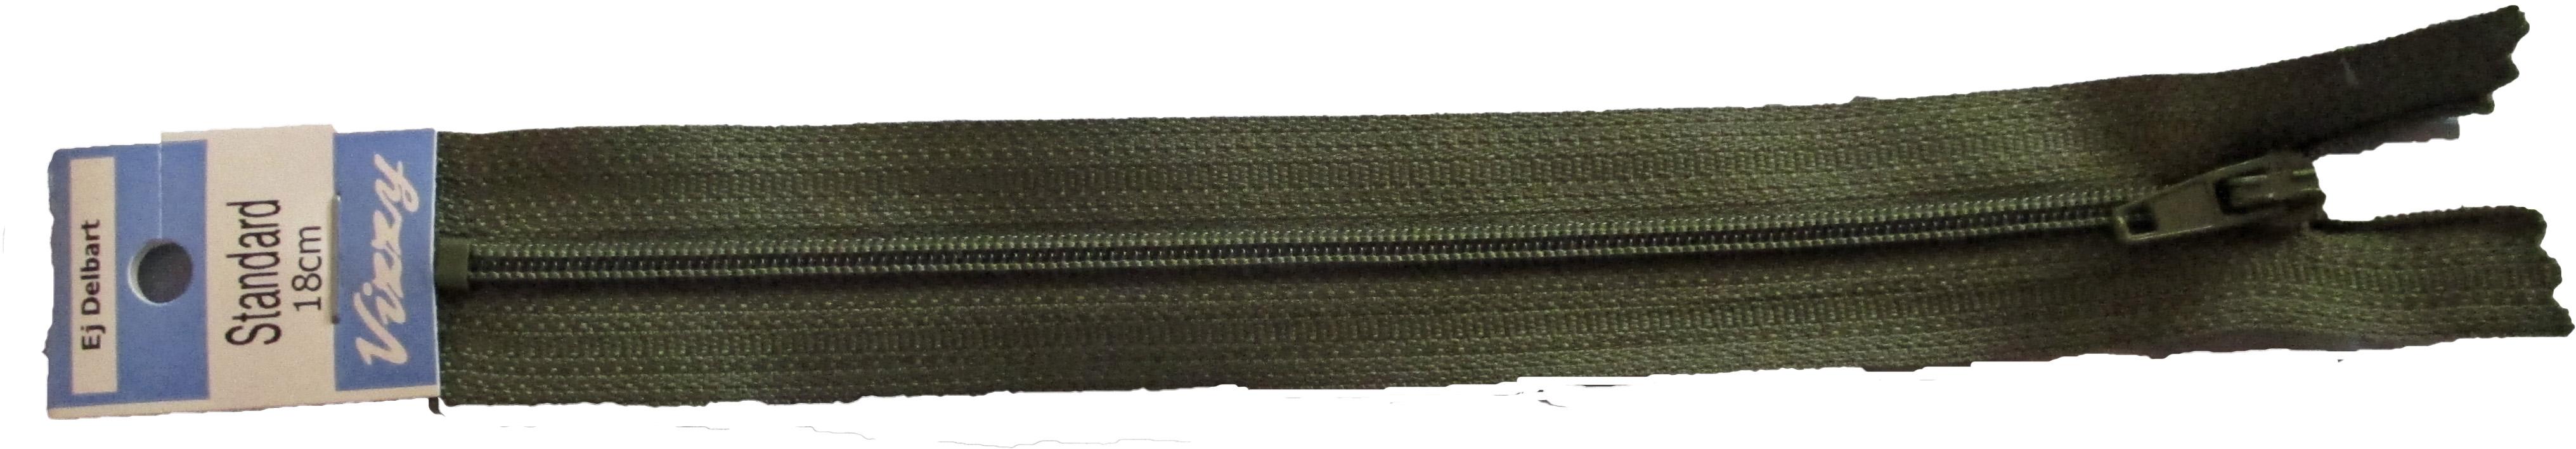 Blixtlås 18 mm Olivgrön